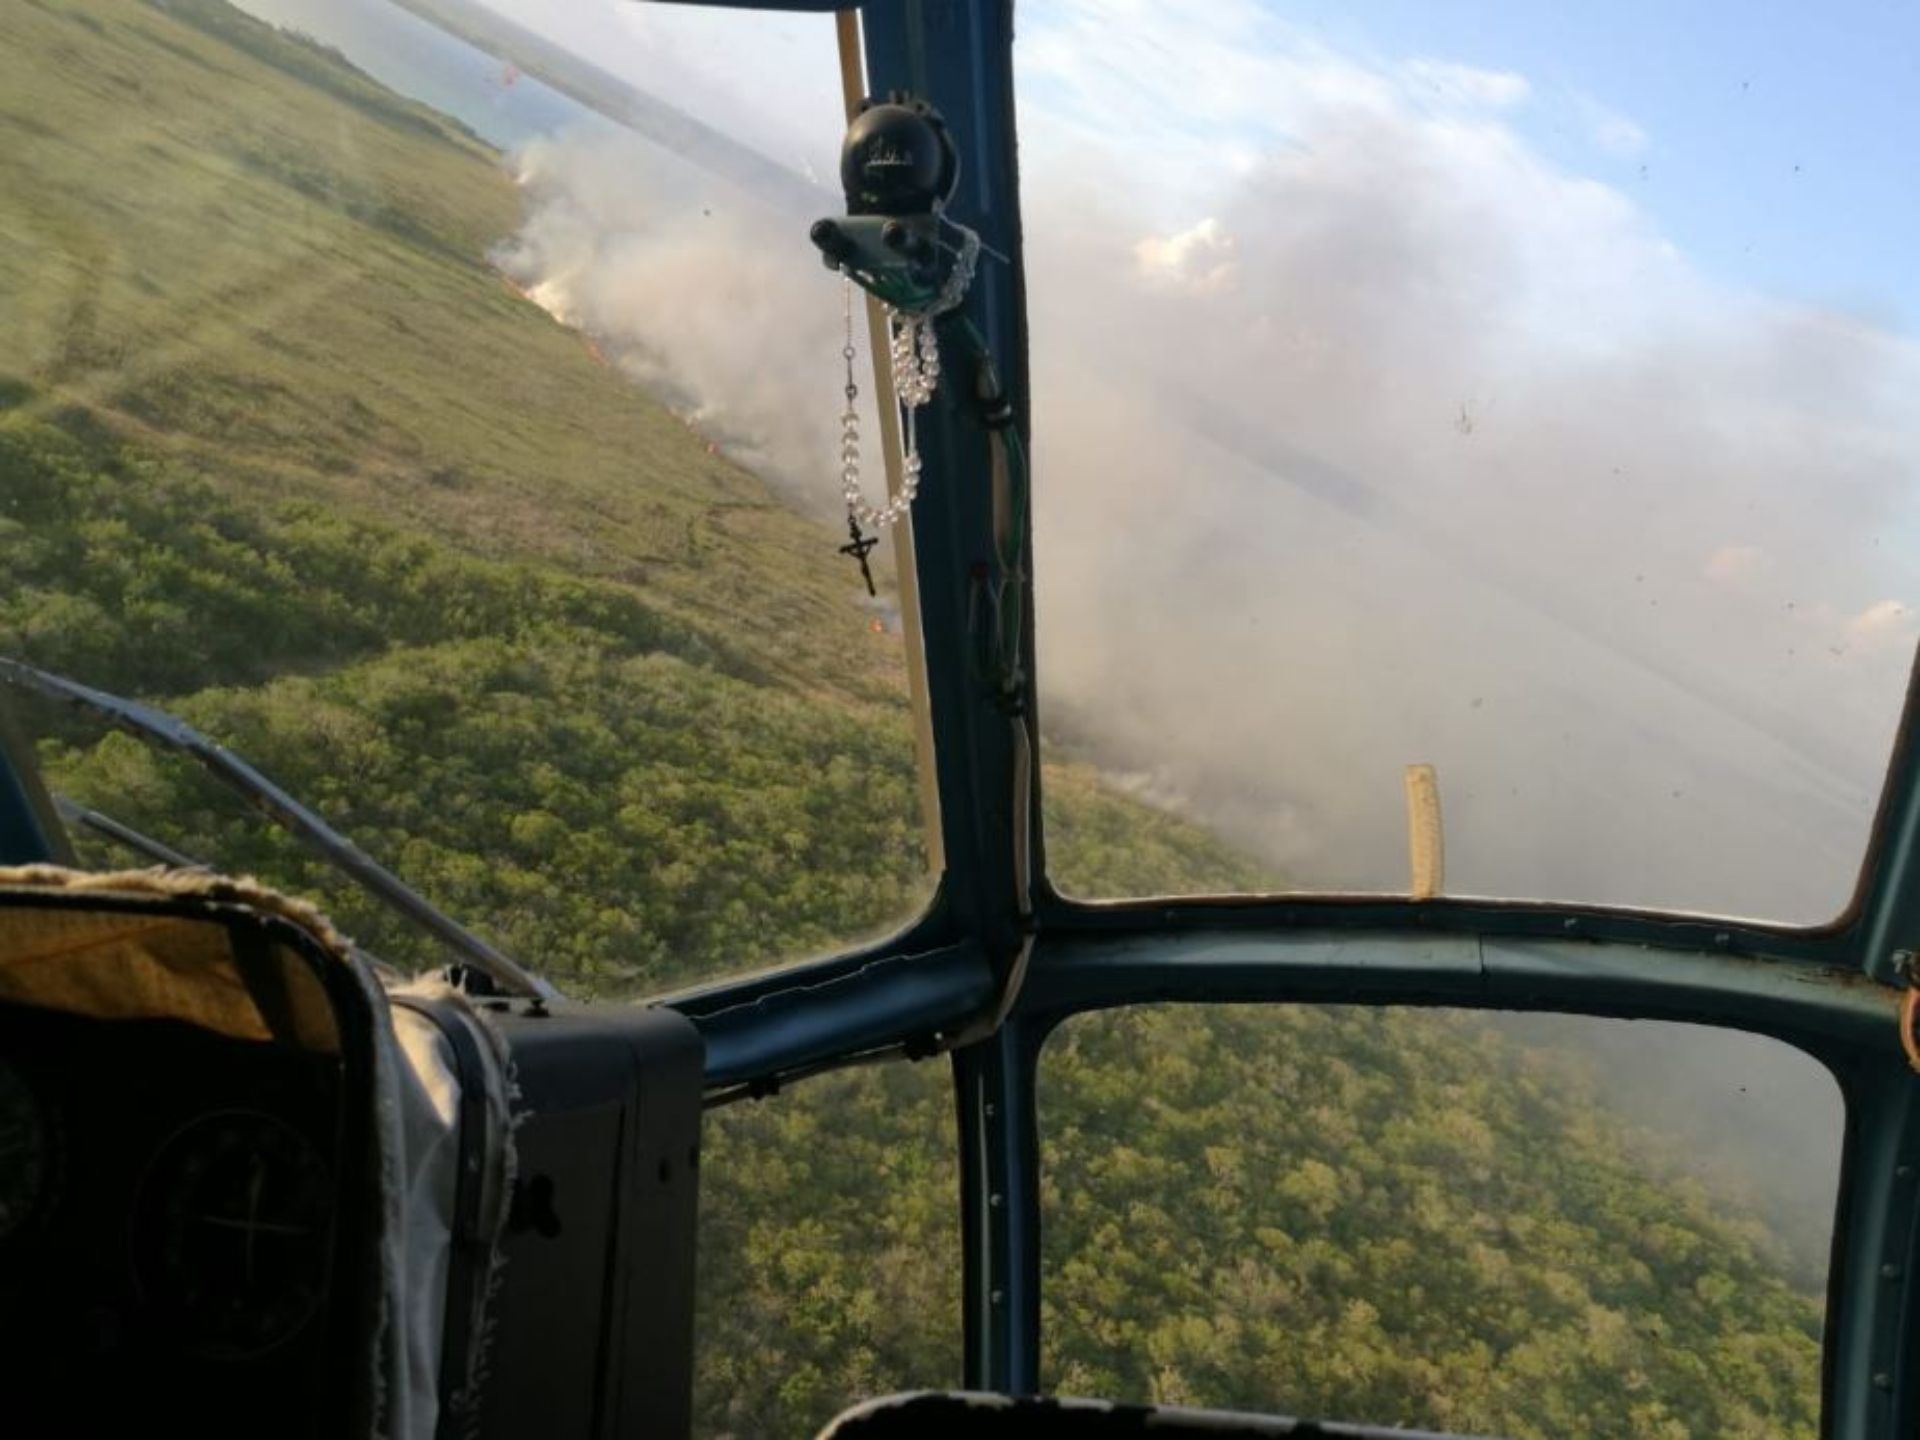 Las autoridades siguen sin poder controlar el segundo incendio, que ya ha consumido más de 2,000 hectáreas (Foto: @CONANP_mx)